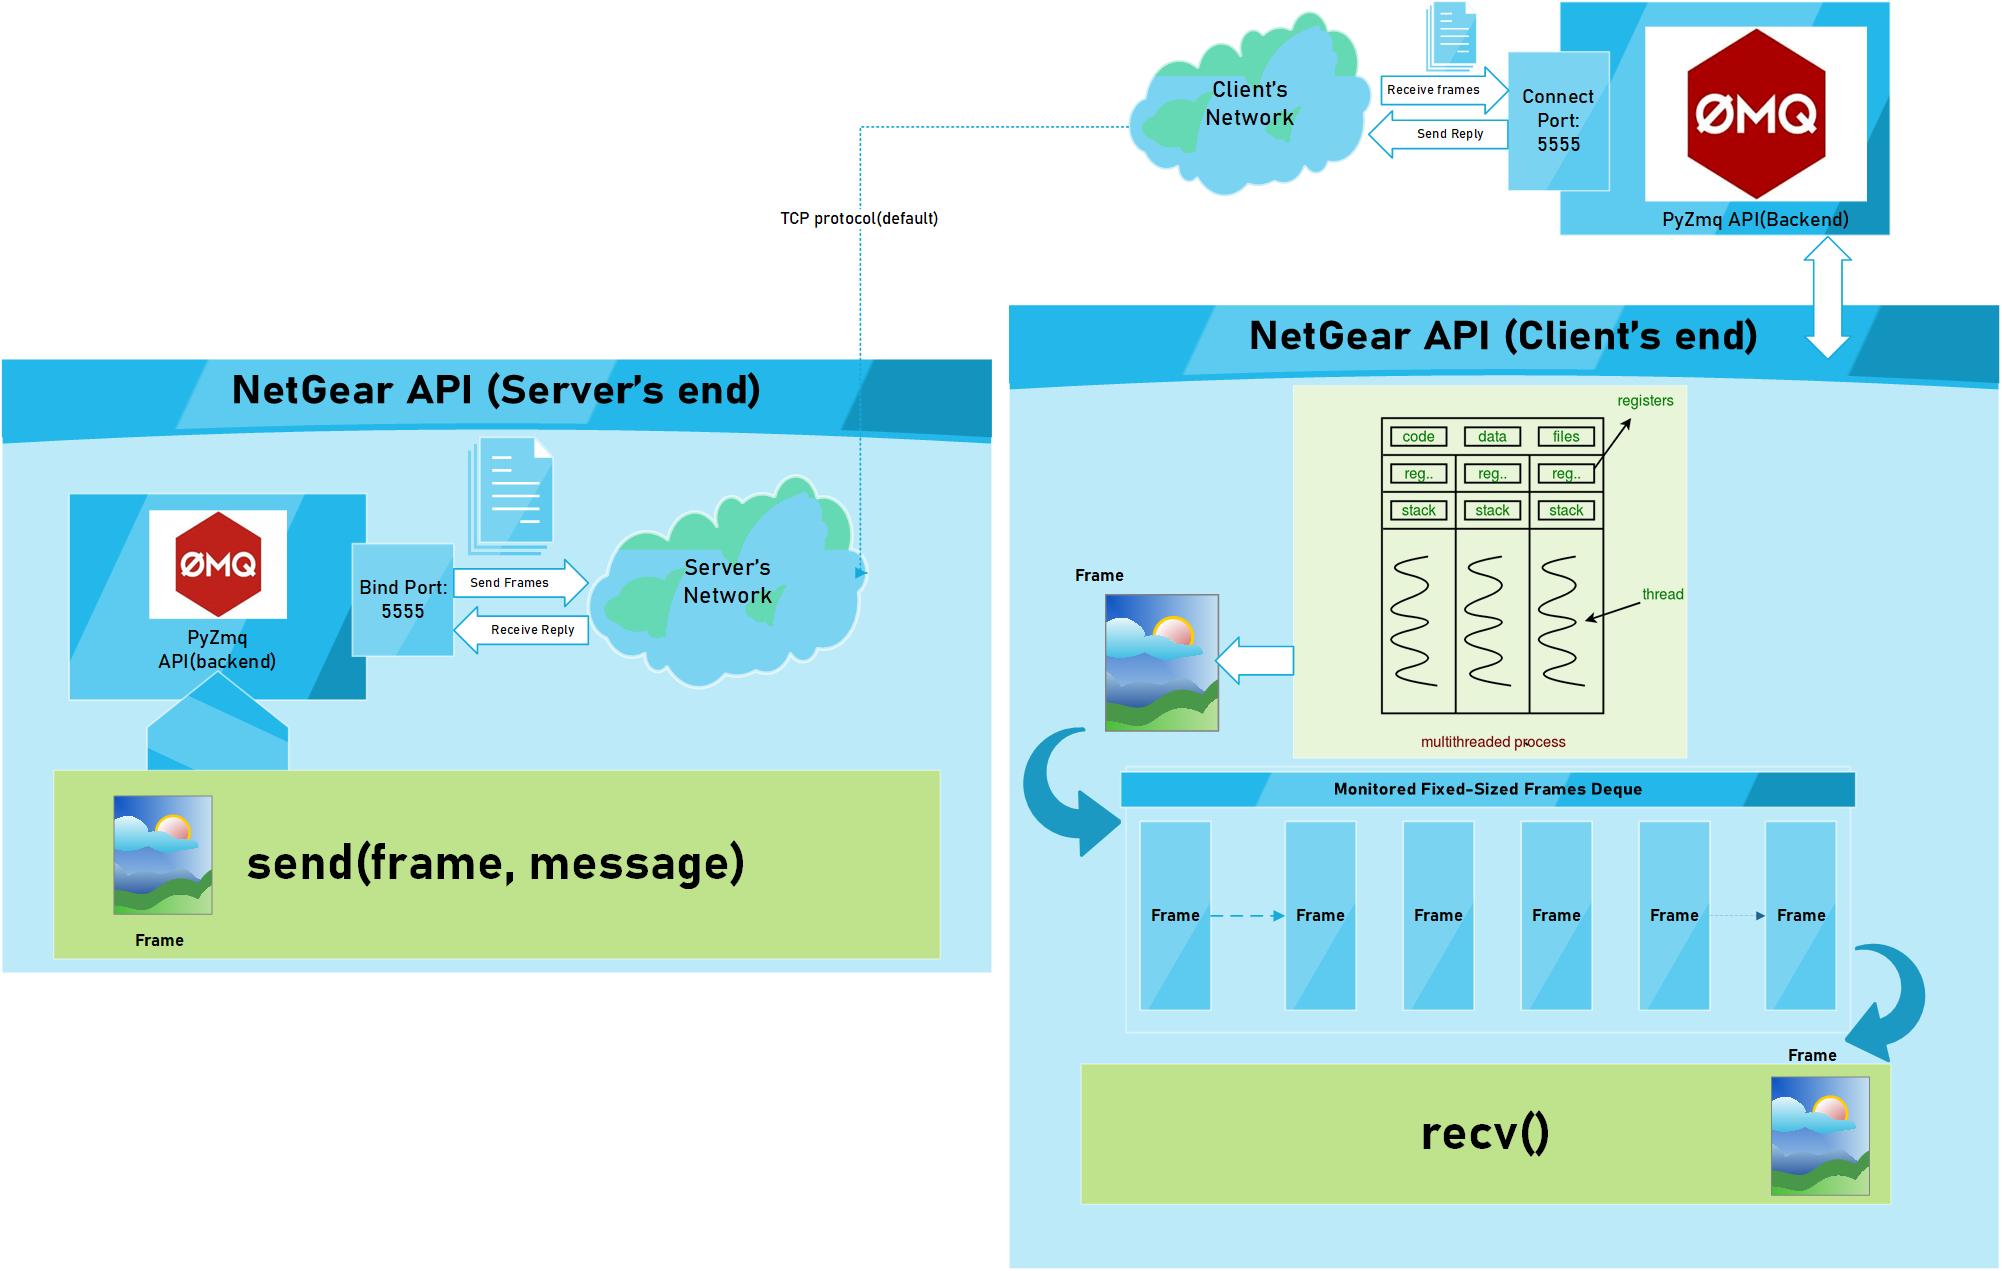 NetGear Functional Block Diagram